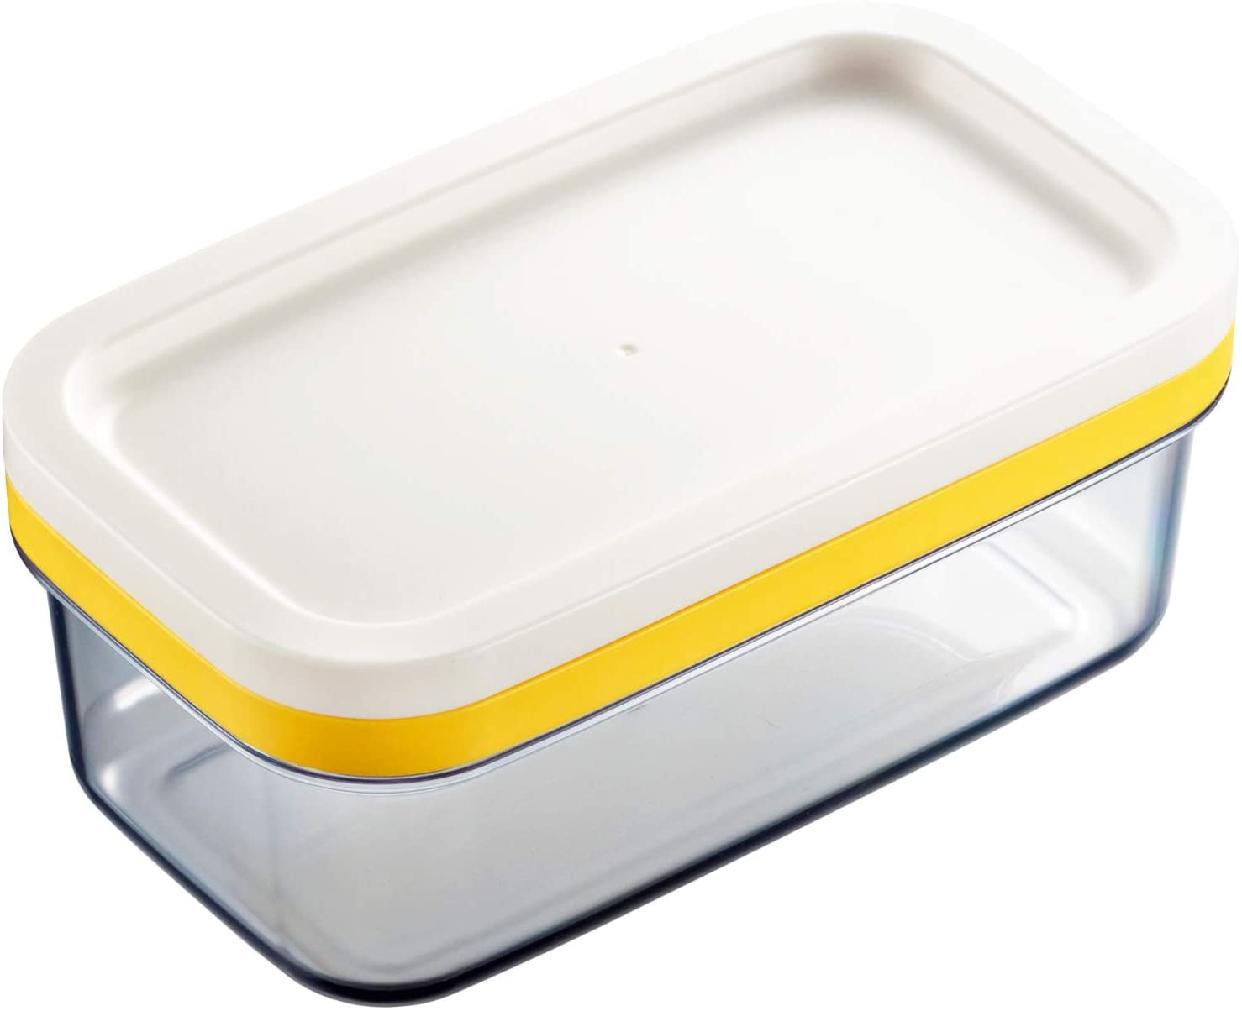 曙産業(あけぼのさんぎょう)カットできちゃうバターケース ST-3005の商品画像